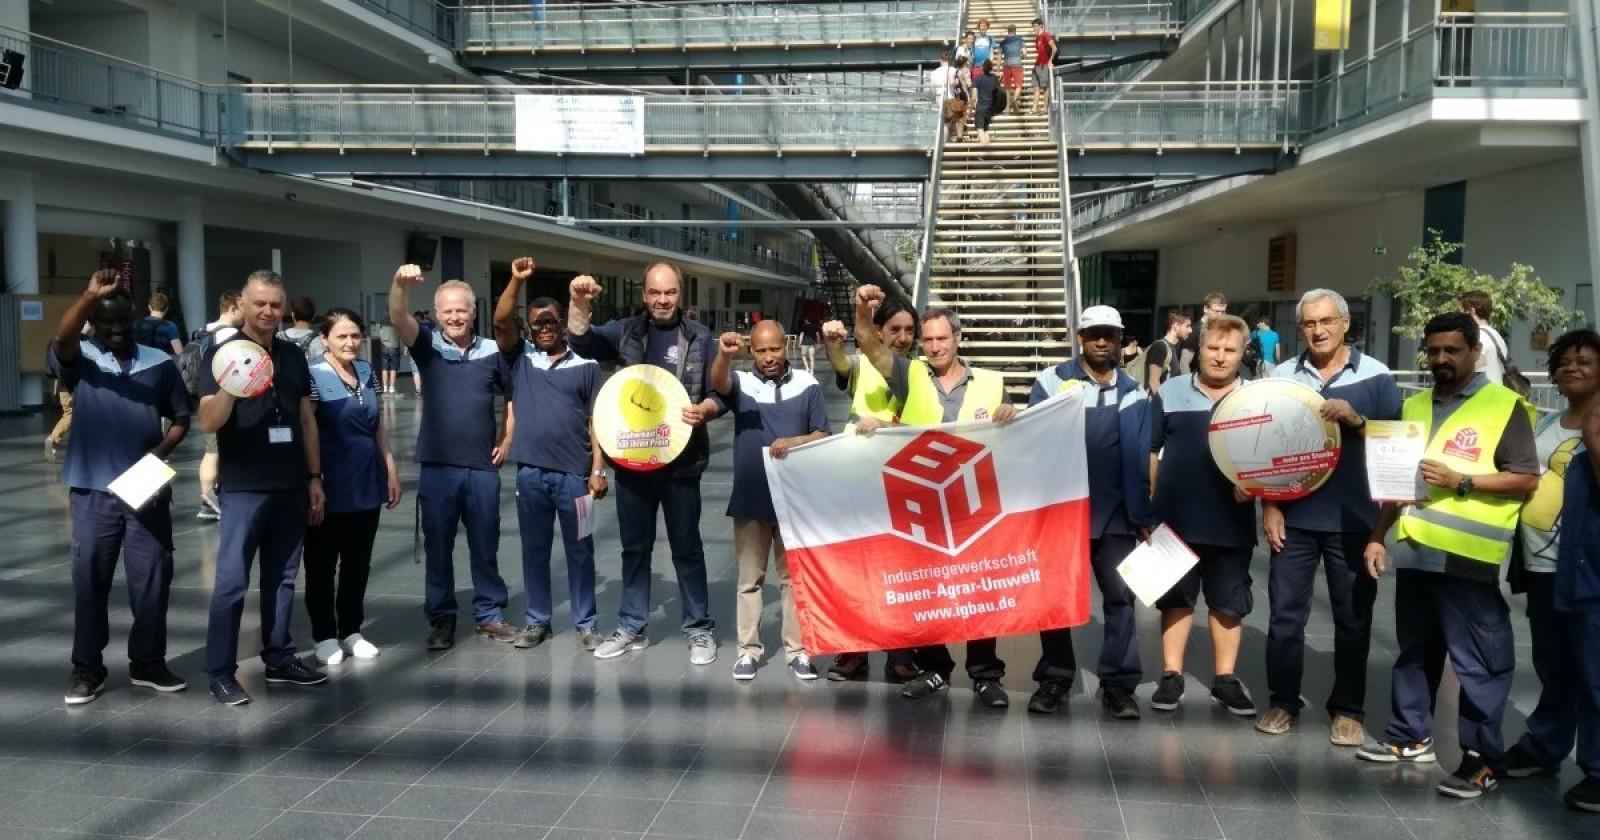 Aktion der Kolleginnen & Kollegen von ISS an der TU München in Garching